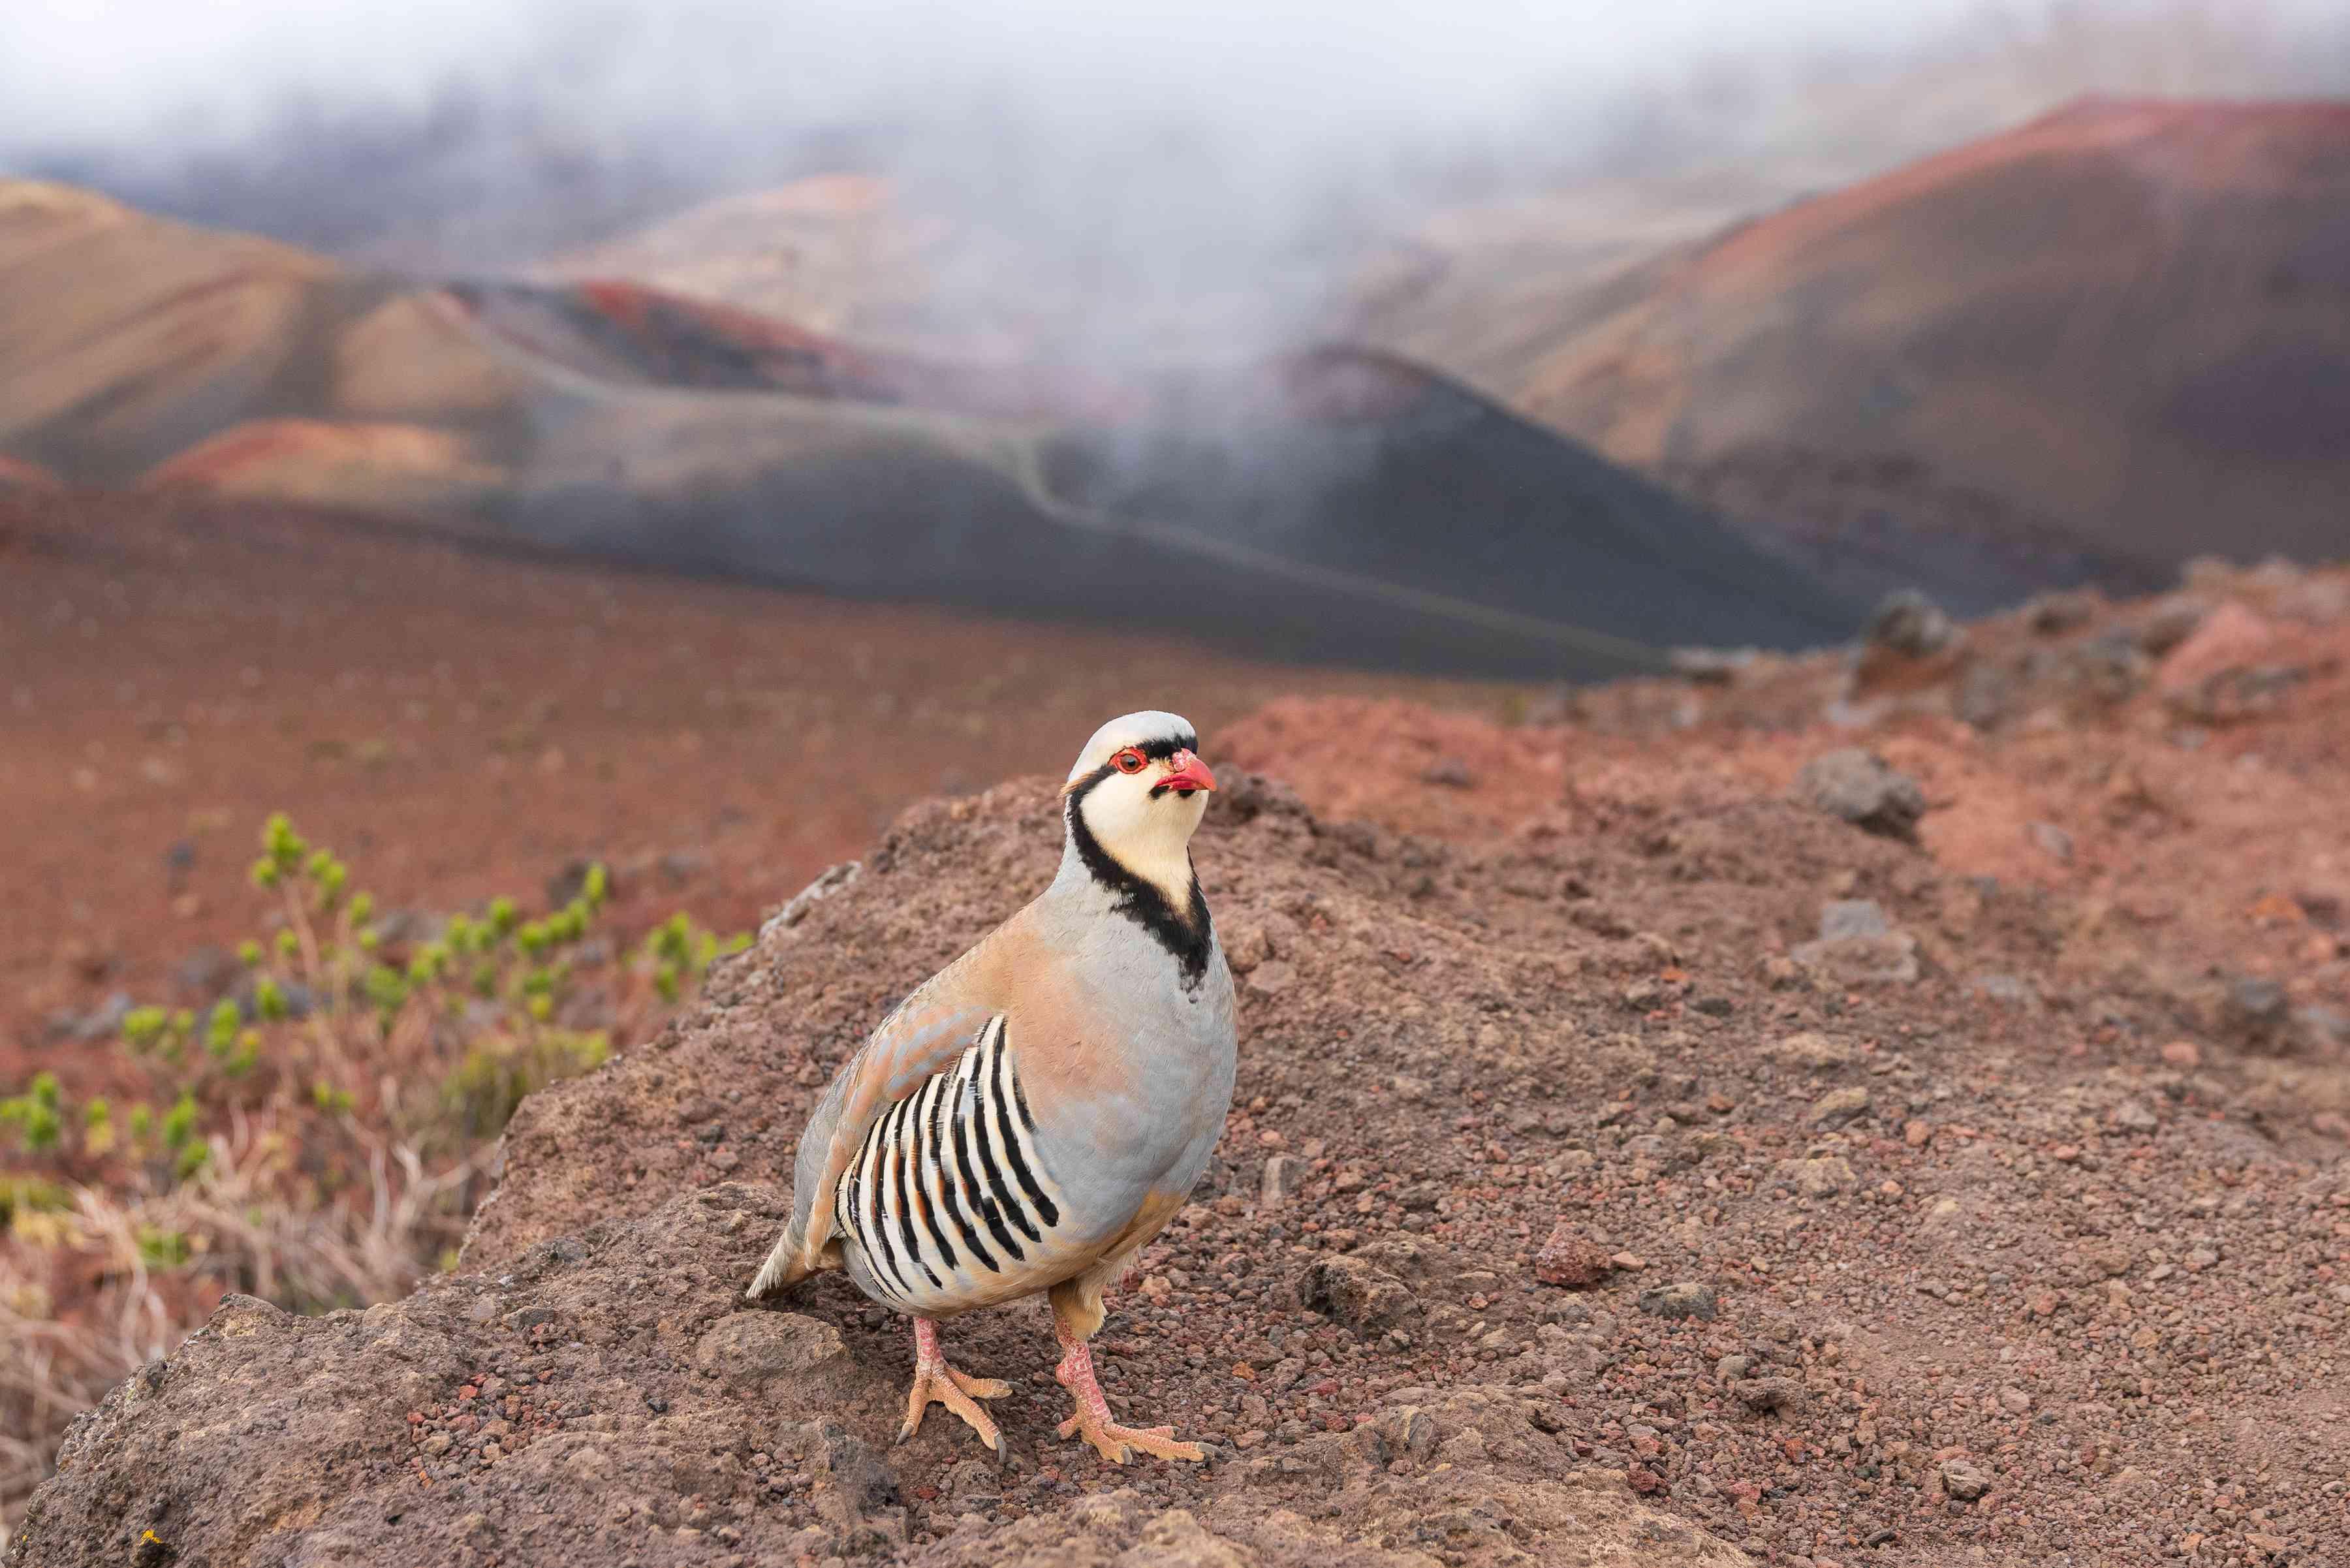 Chukar partridge in the Haleakala National Park